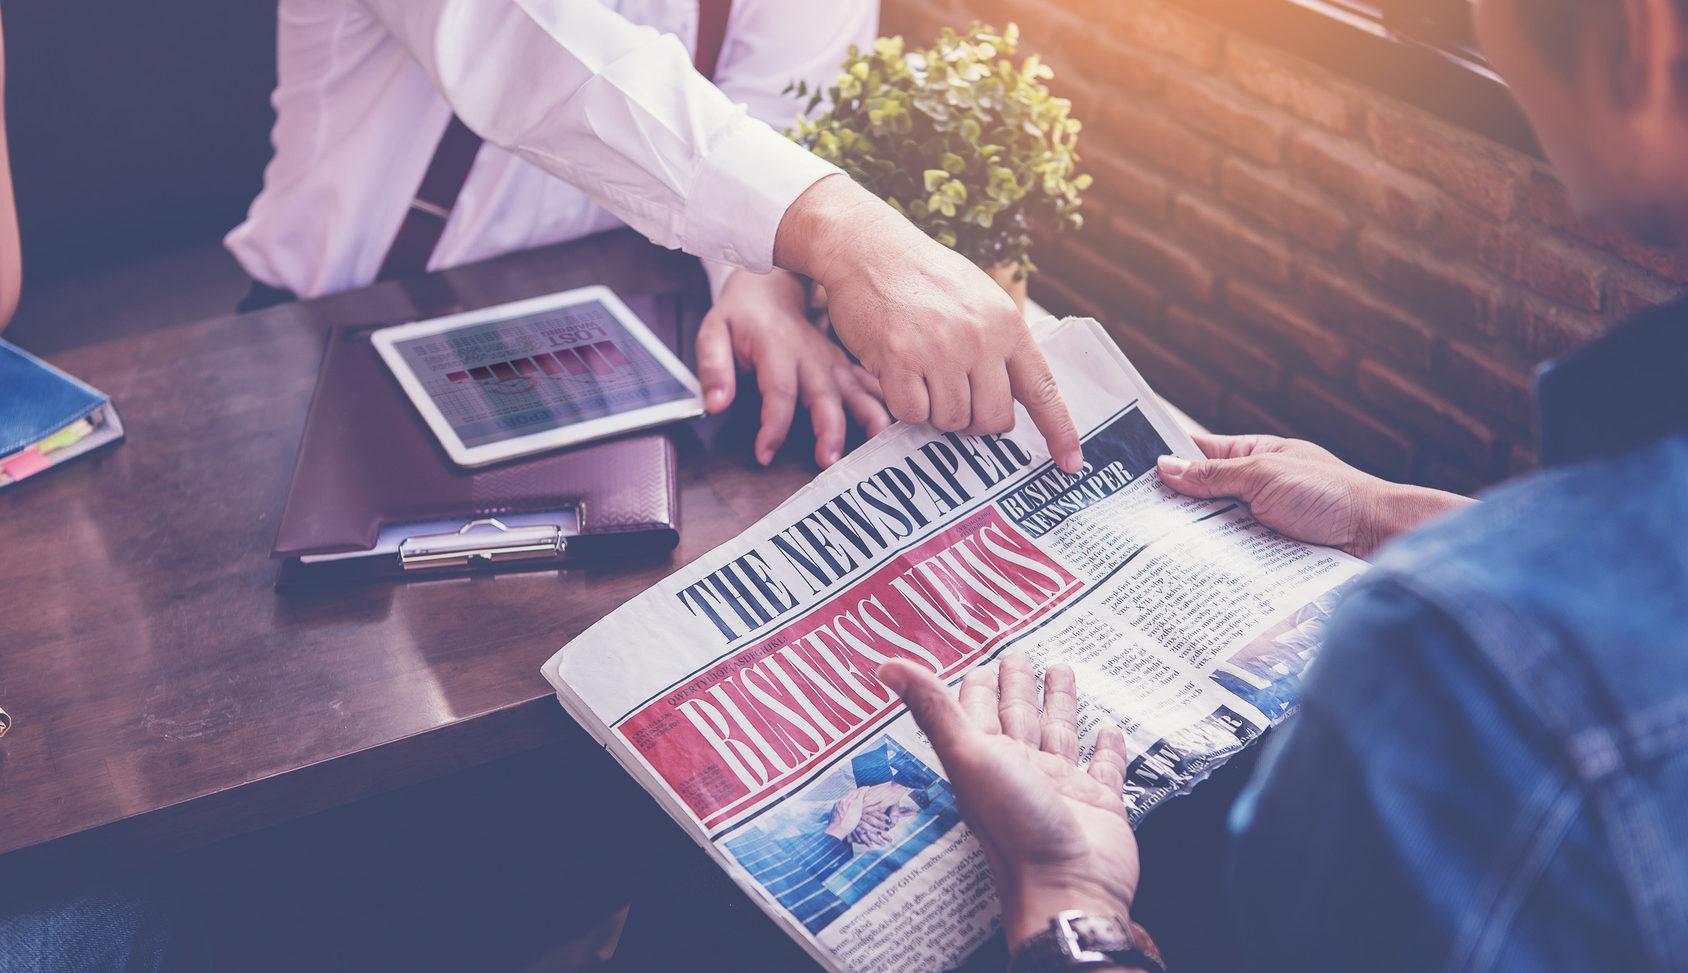 L'information économique et stratégique : qu'est-ce que c'est ?